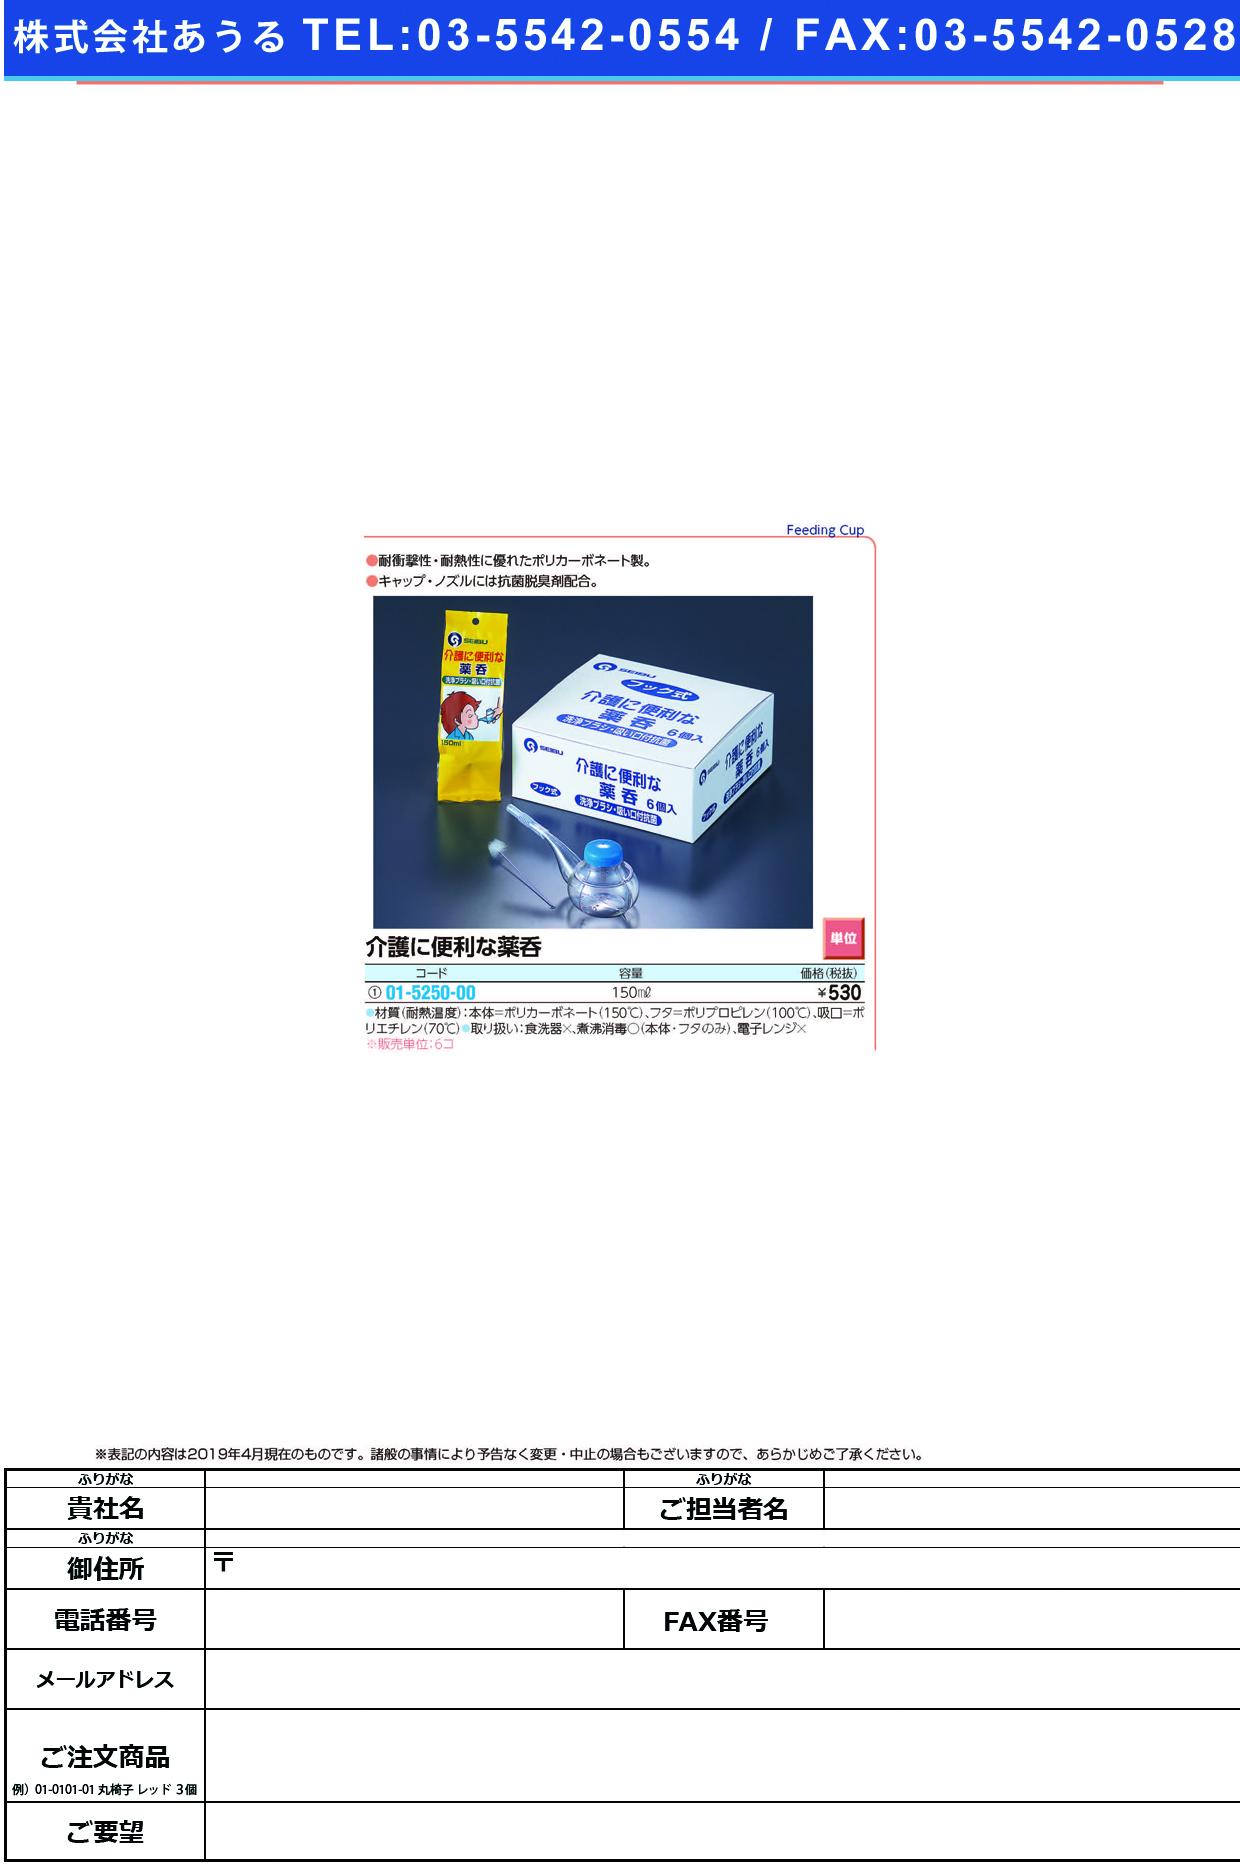 (01-5250-00)ポリカーボネート薬呑器(介護に便利な 150ML(フックシキフクロイリ) ポリカーボネートヤクノミキ【1個単位】【2019年カタログ商品】